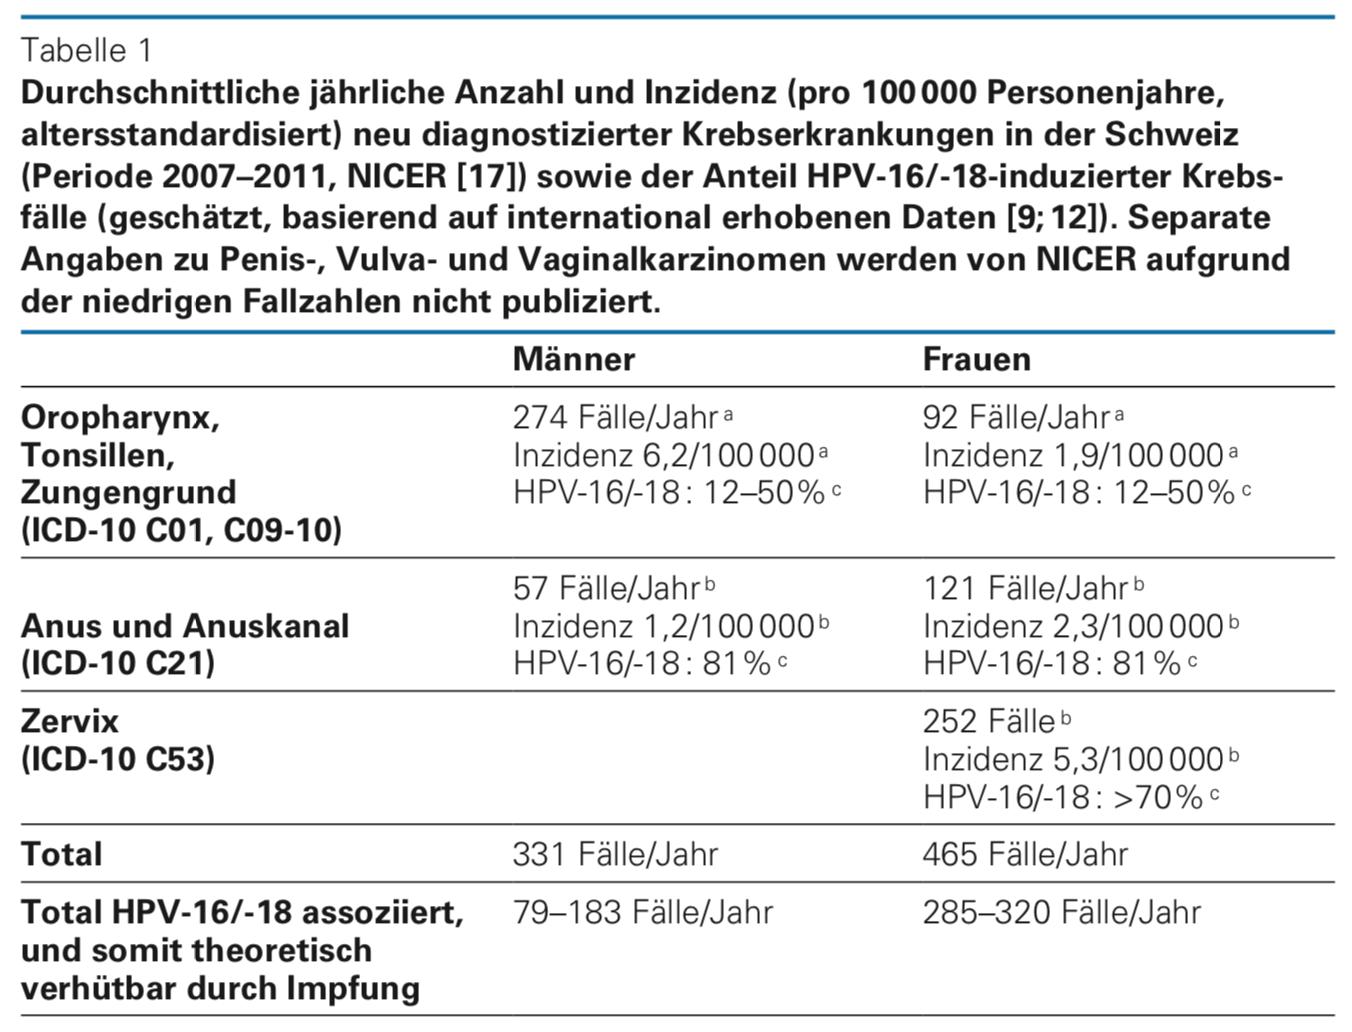 Hpv impfung fur erwachsene